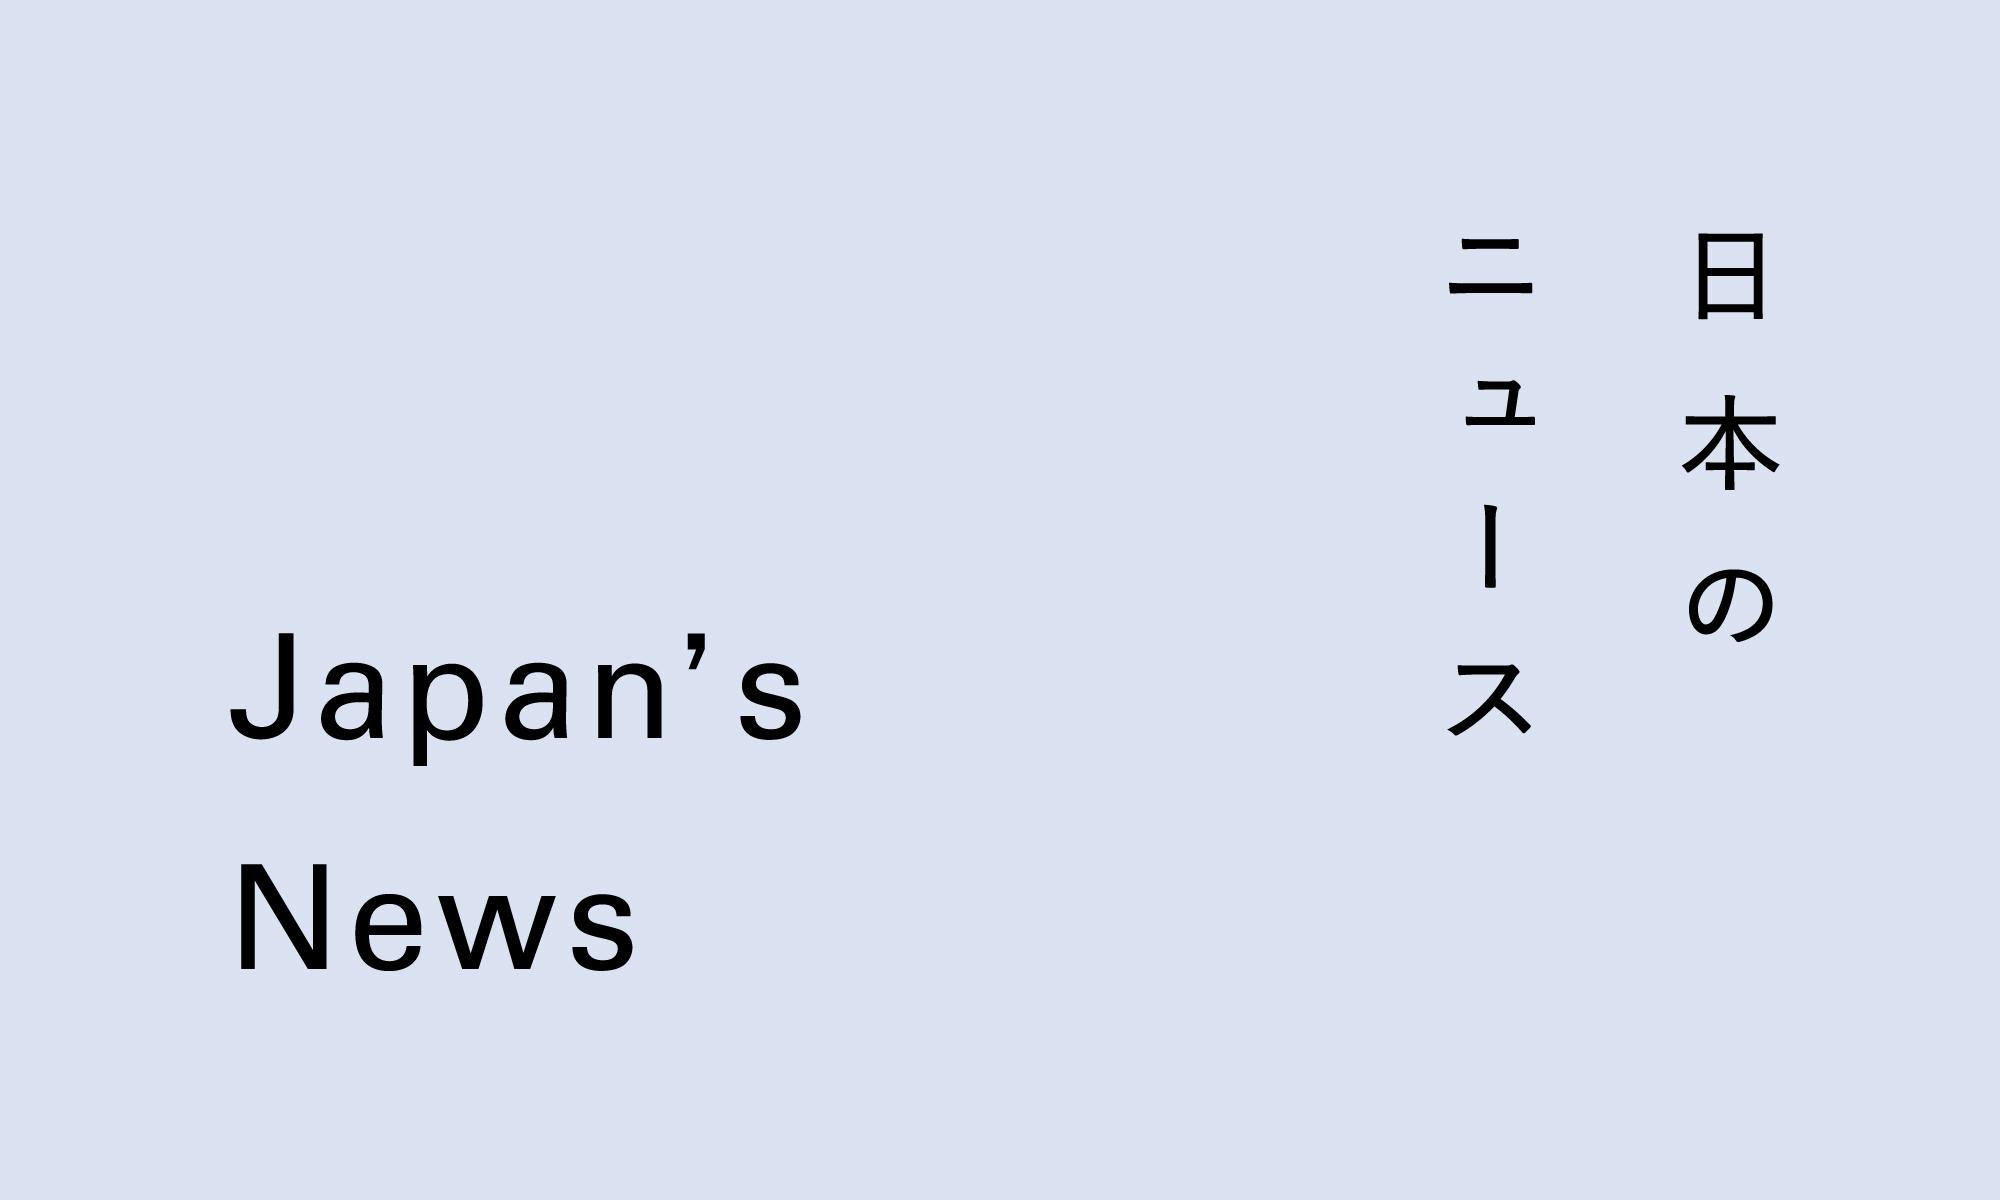 日本のニュースを英語で読む。